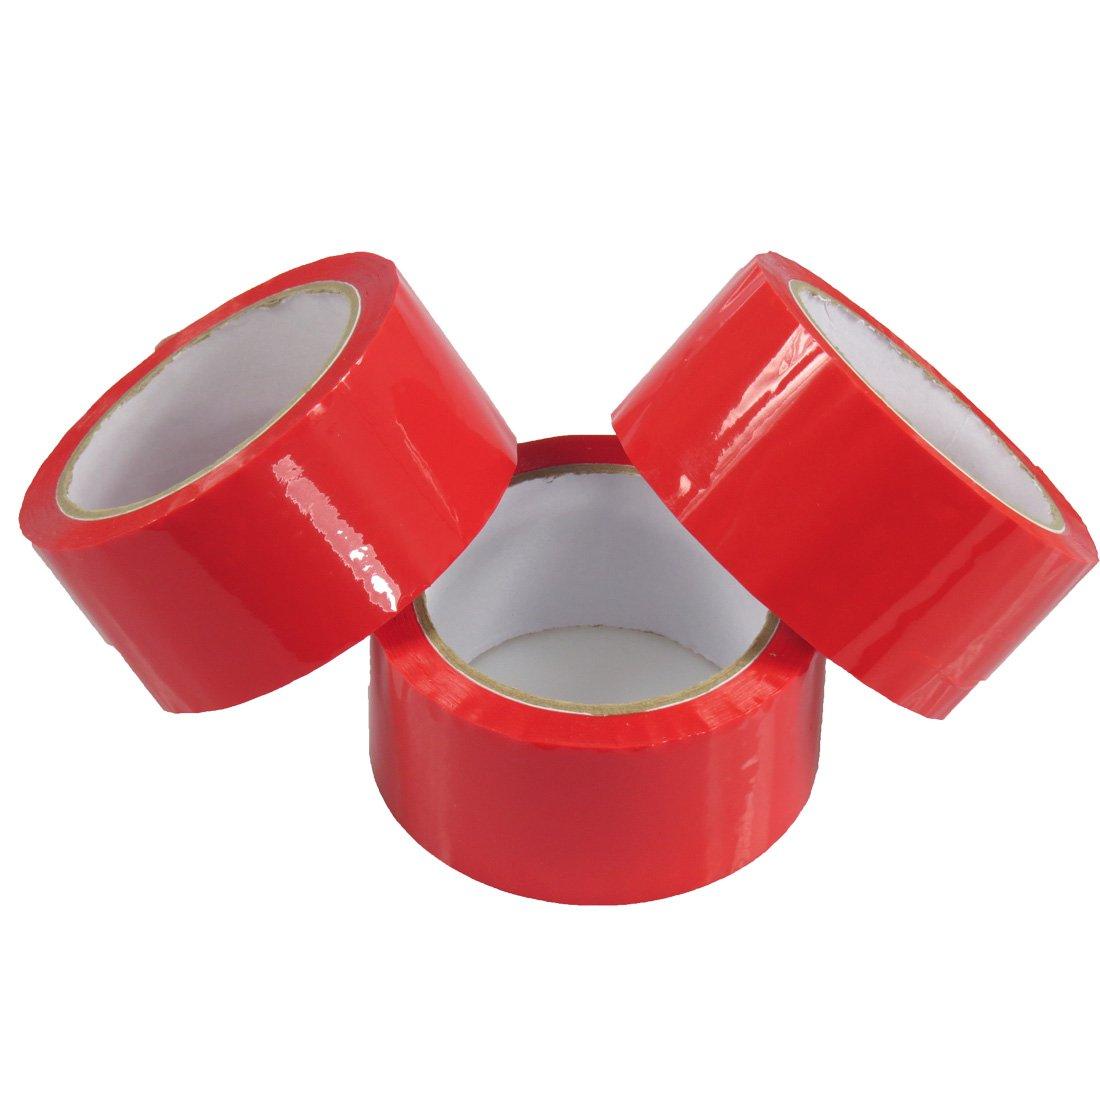 Triplast 48 mm x 66 m, a basso rumore imballaggio nastro, colore: rosso (Confezione da 3) CL